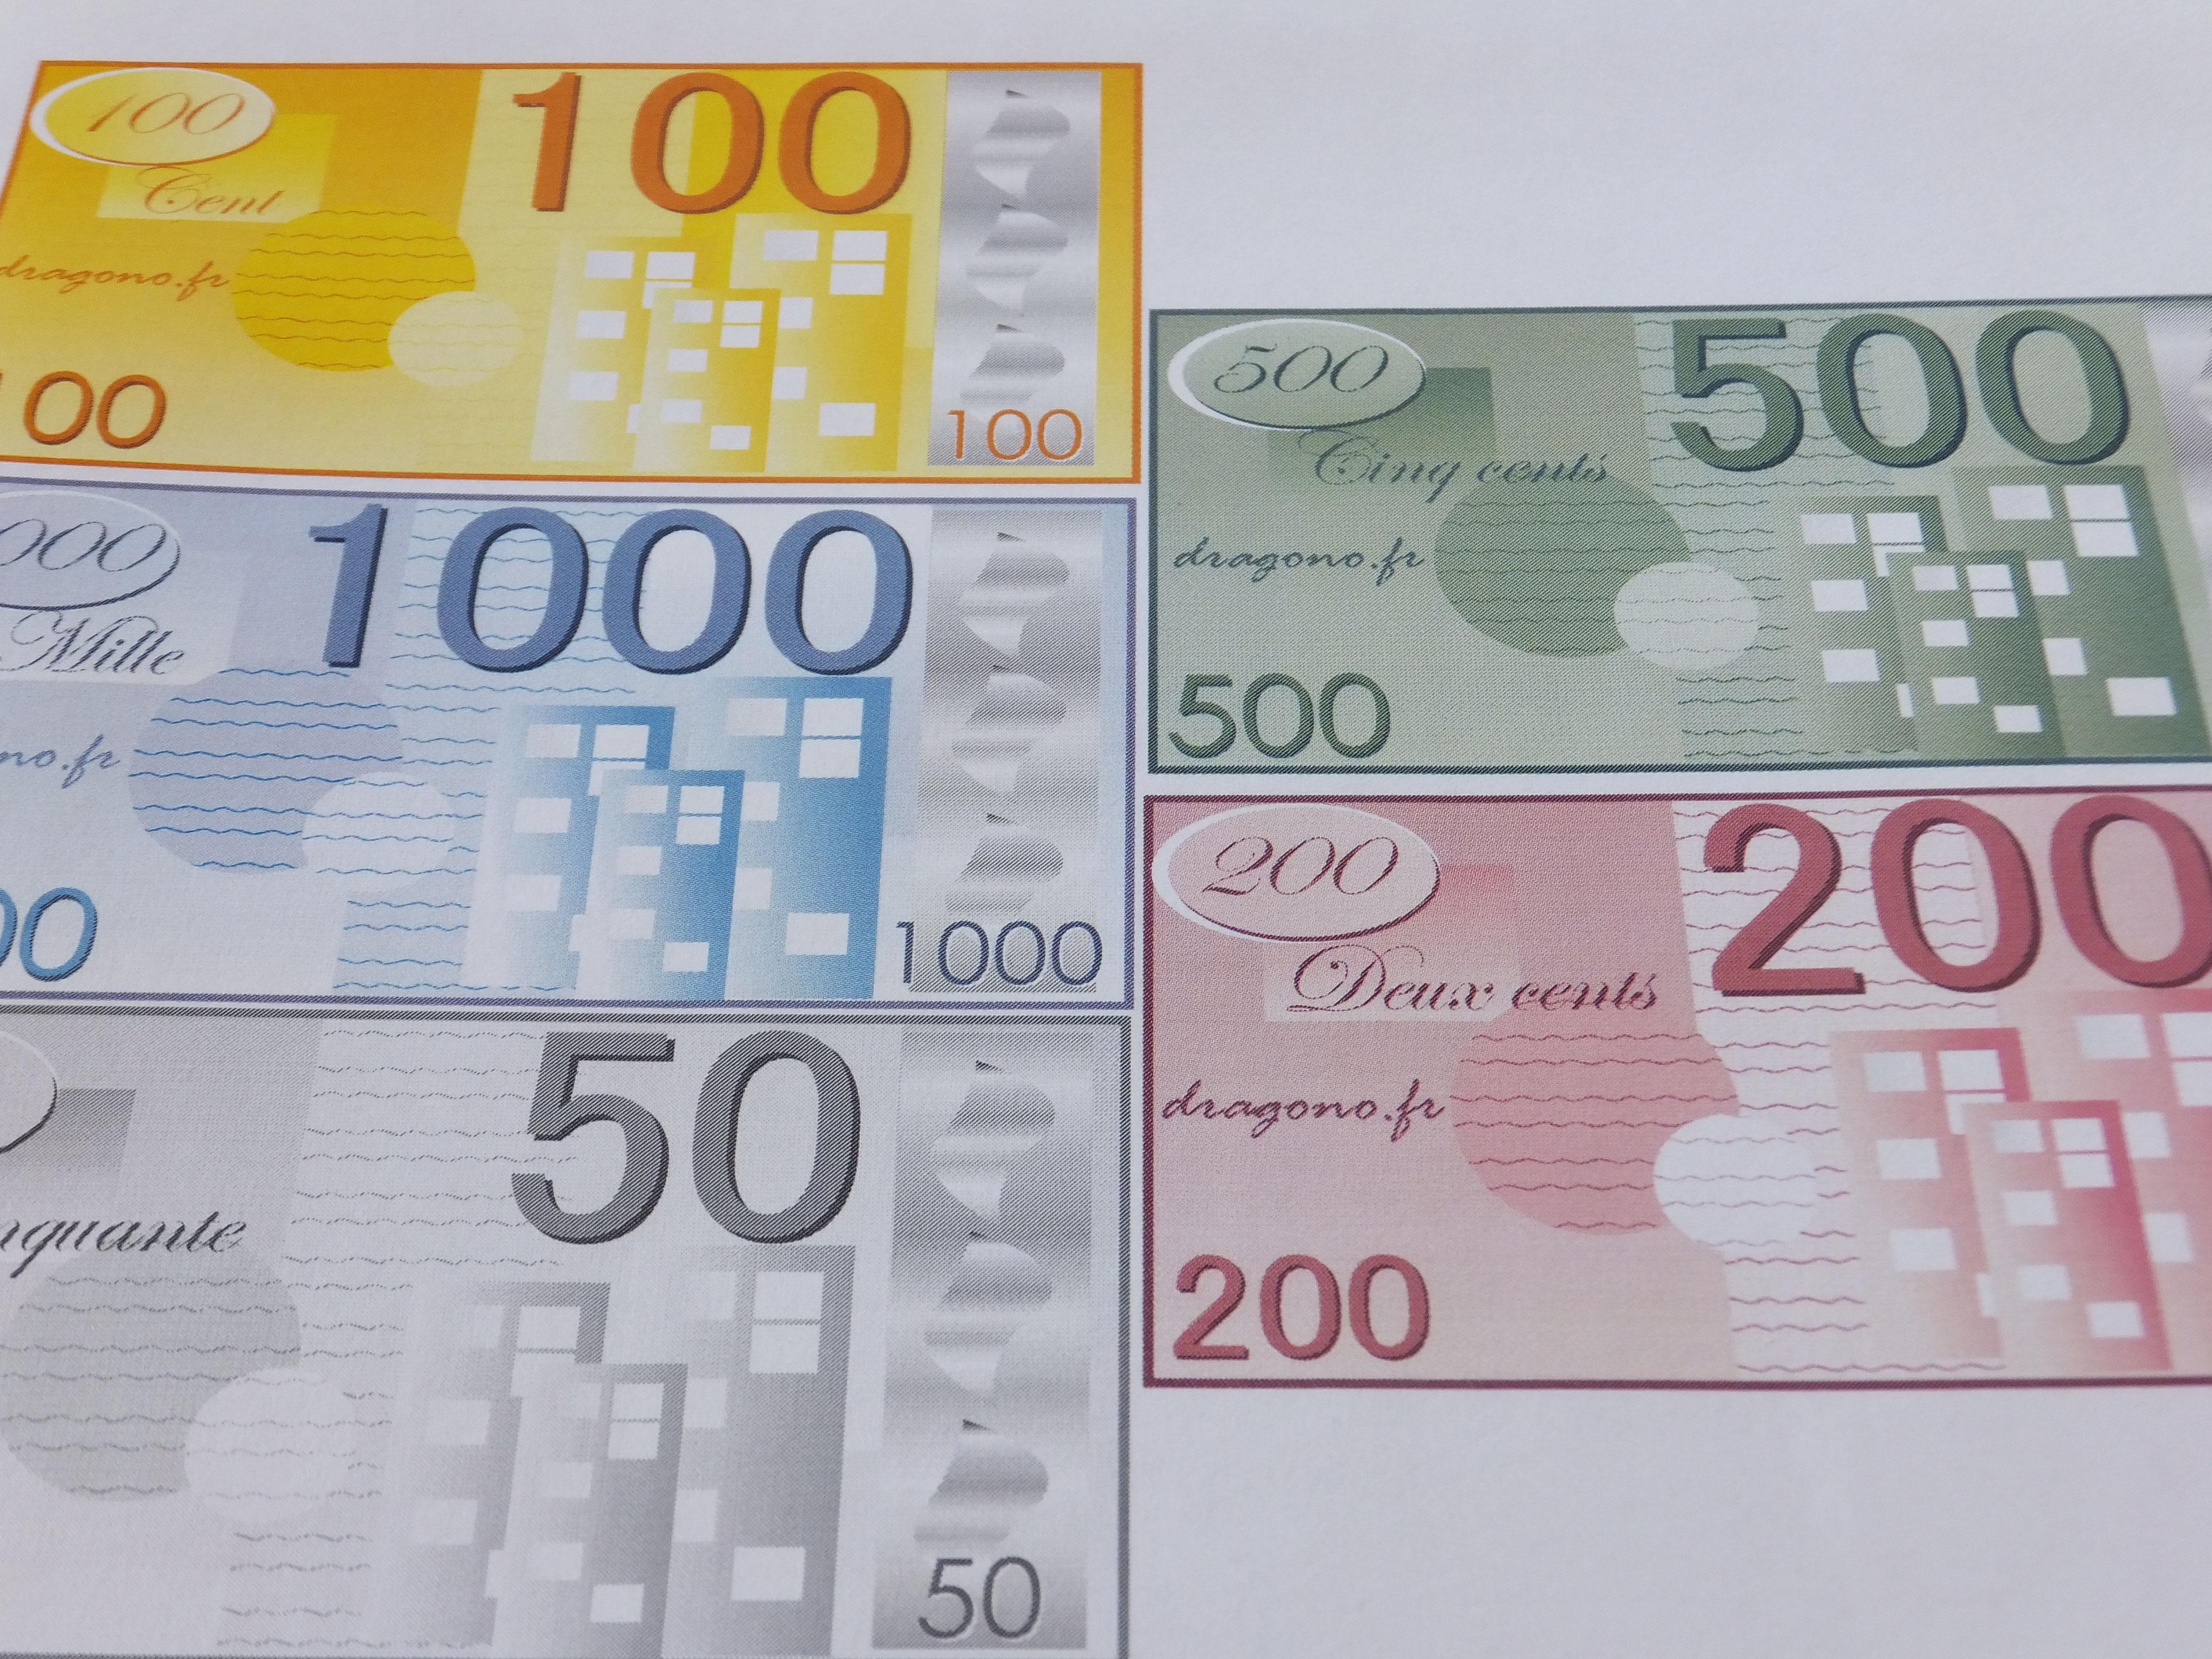 Billets De Fausse Monnaie A Imprimer Jeux De Societe Dragono Fr